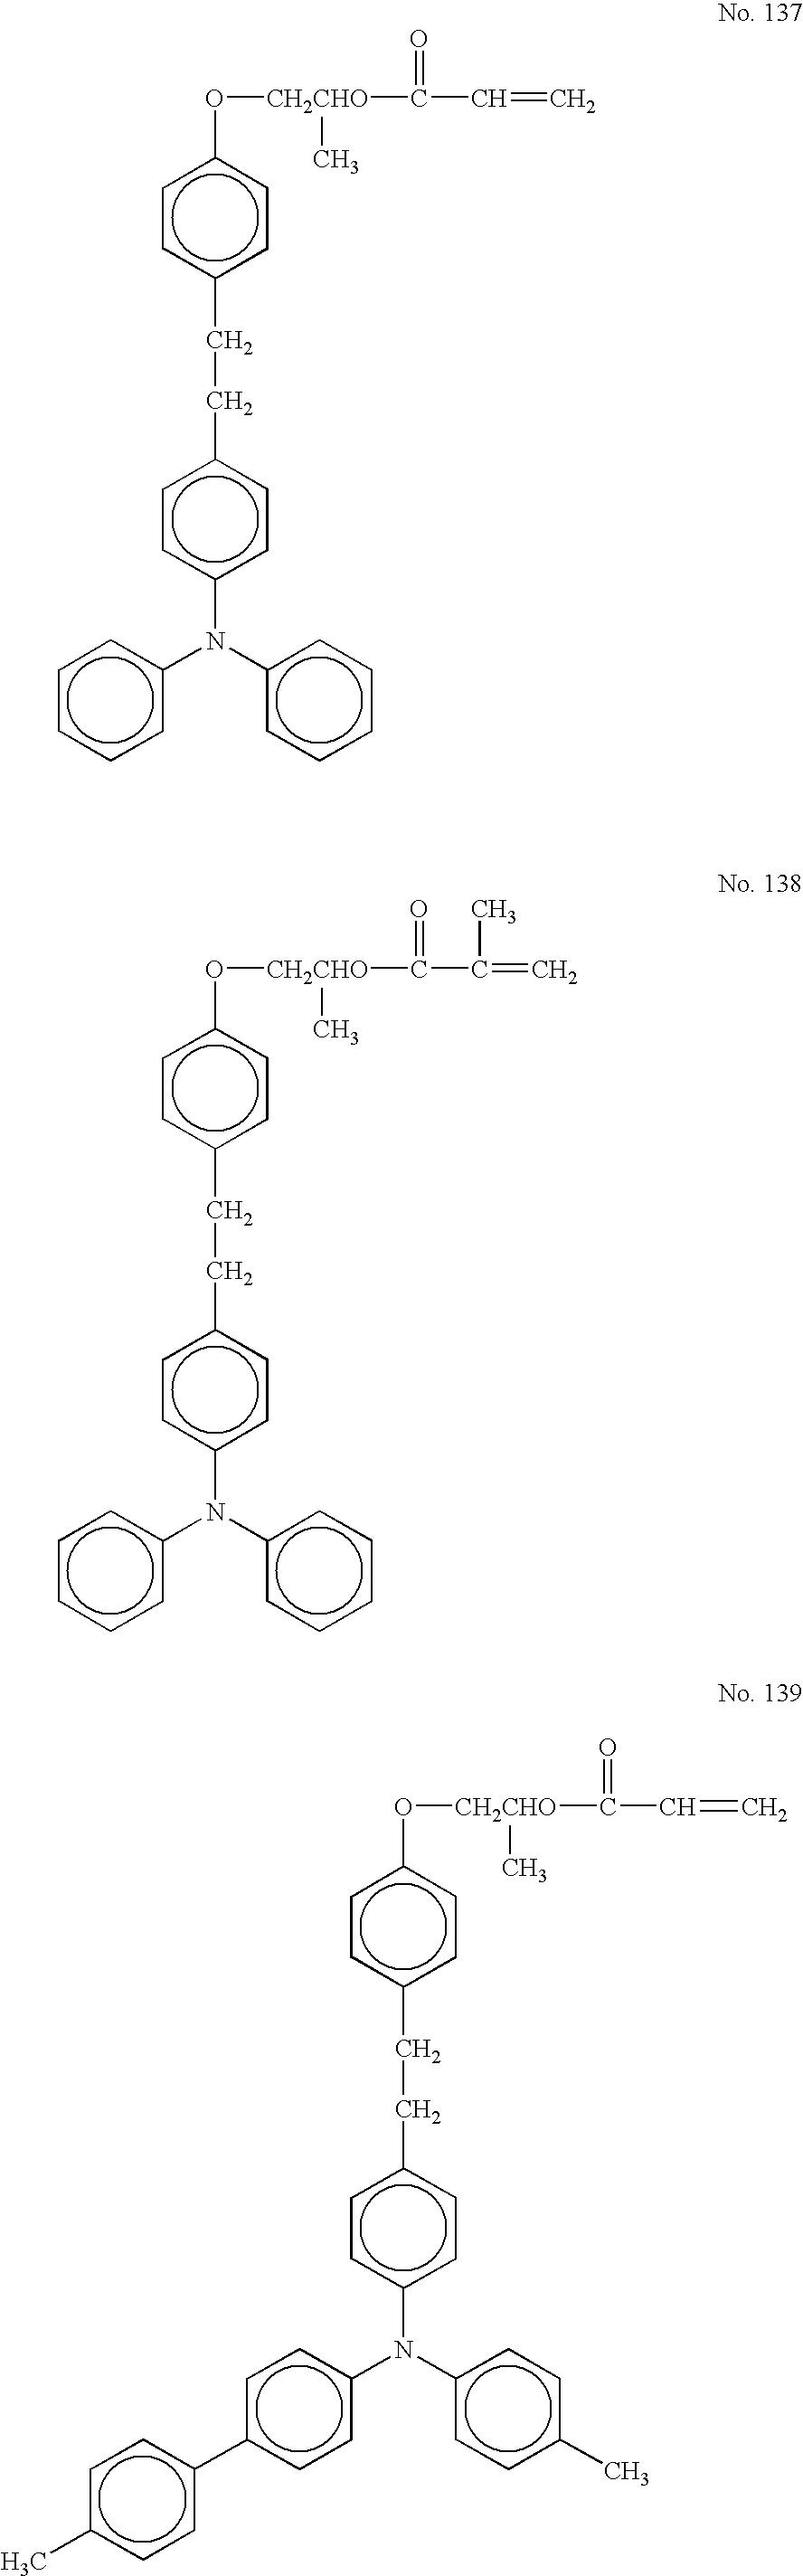 Figure US07175957-20070213-C00060